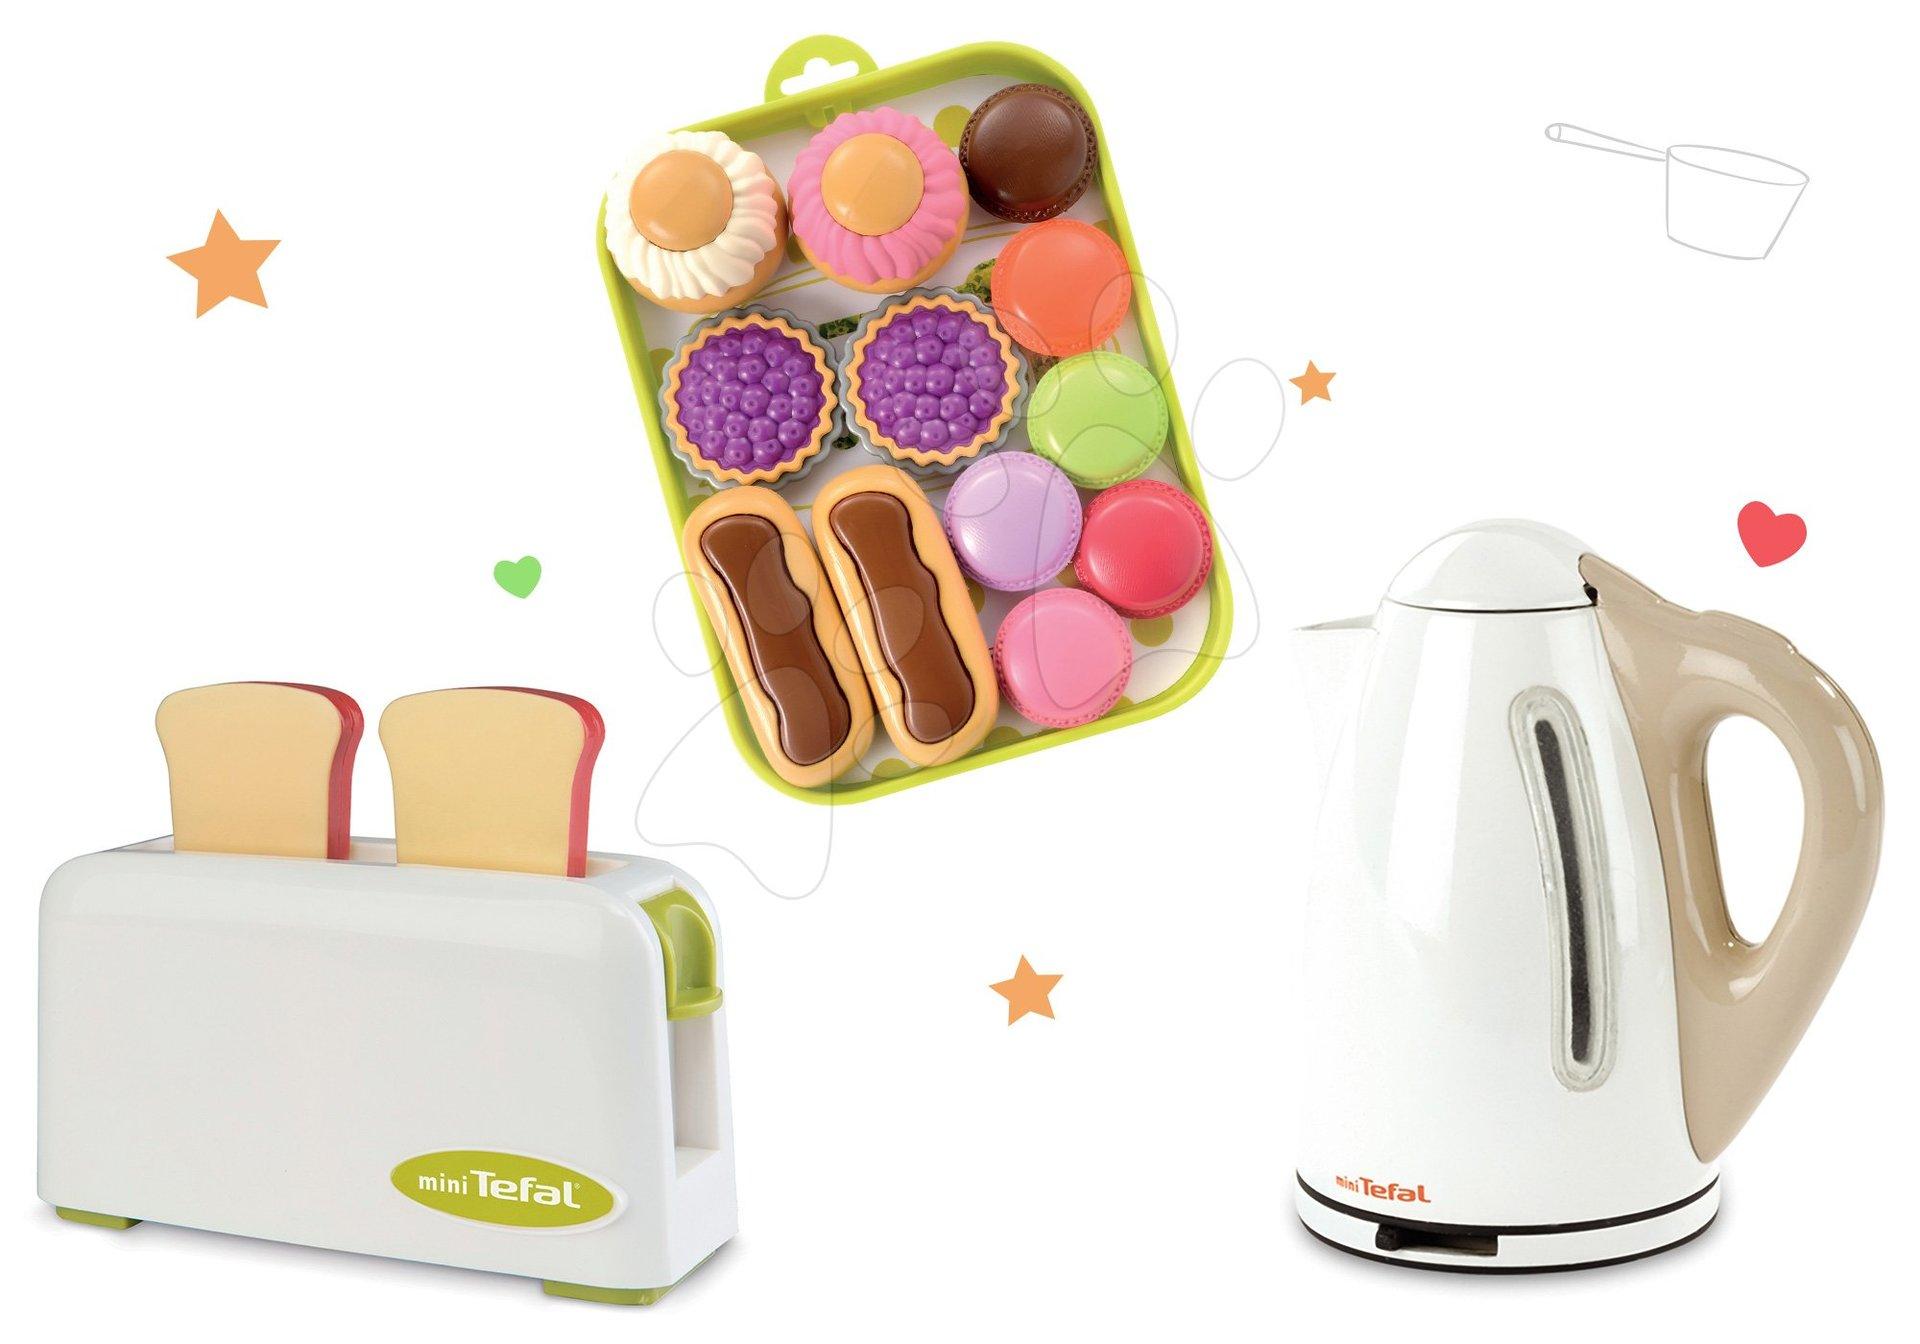 Smoby detský spotrebič toaster, kanvica Tefal a Écoiffier koláčiky 310504-5